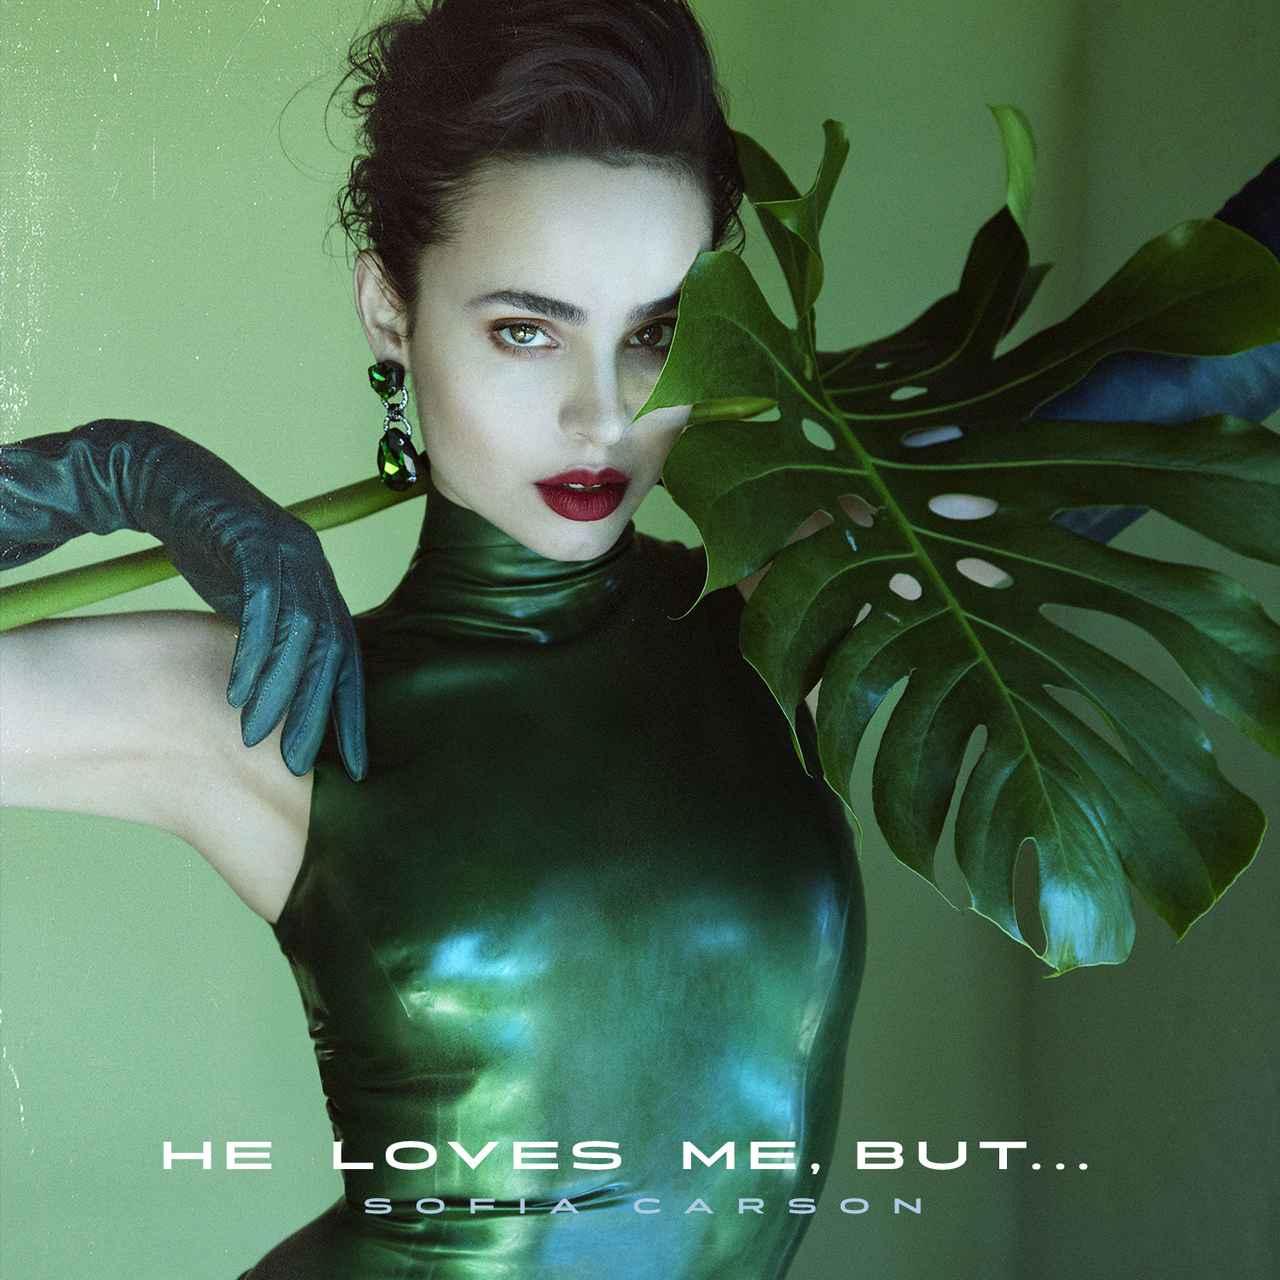 画像: ソフィア・カーソンが「He Loves Me, But...」のミュージックビデオを公開